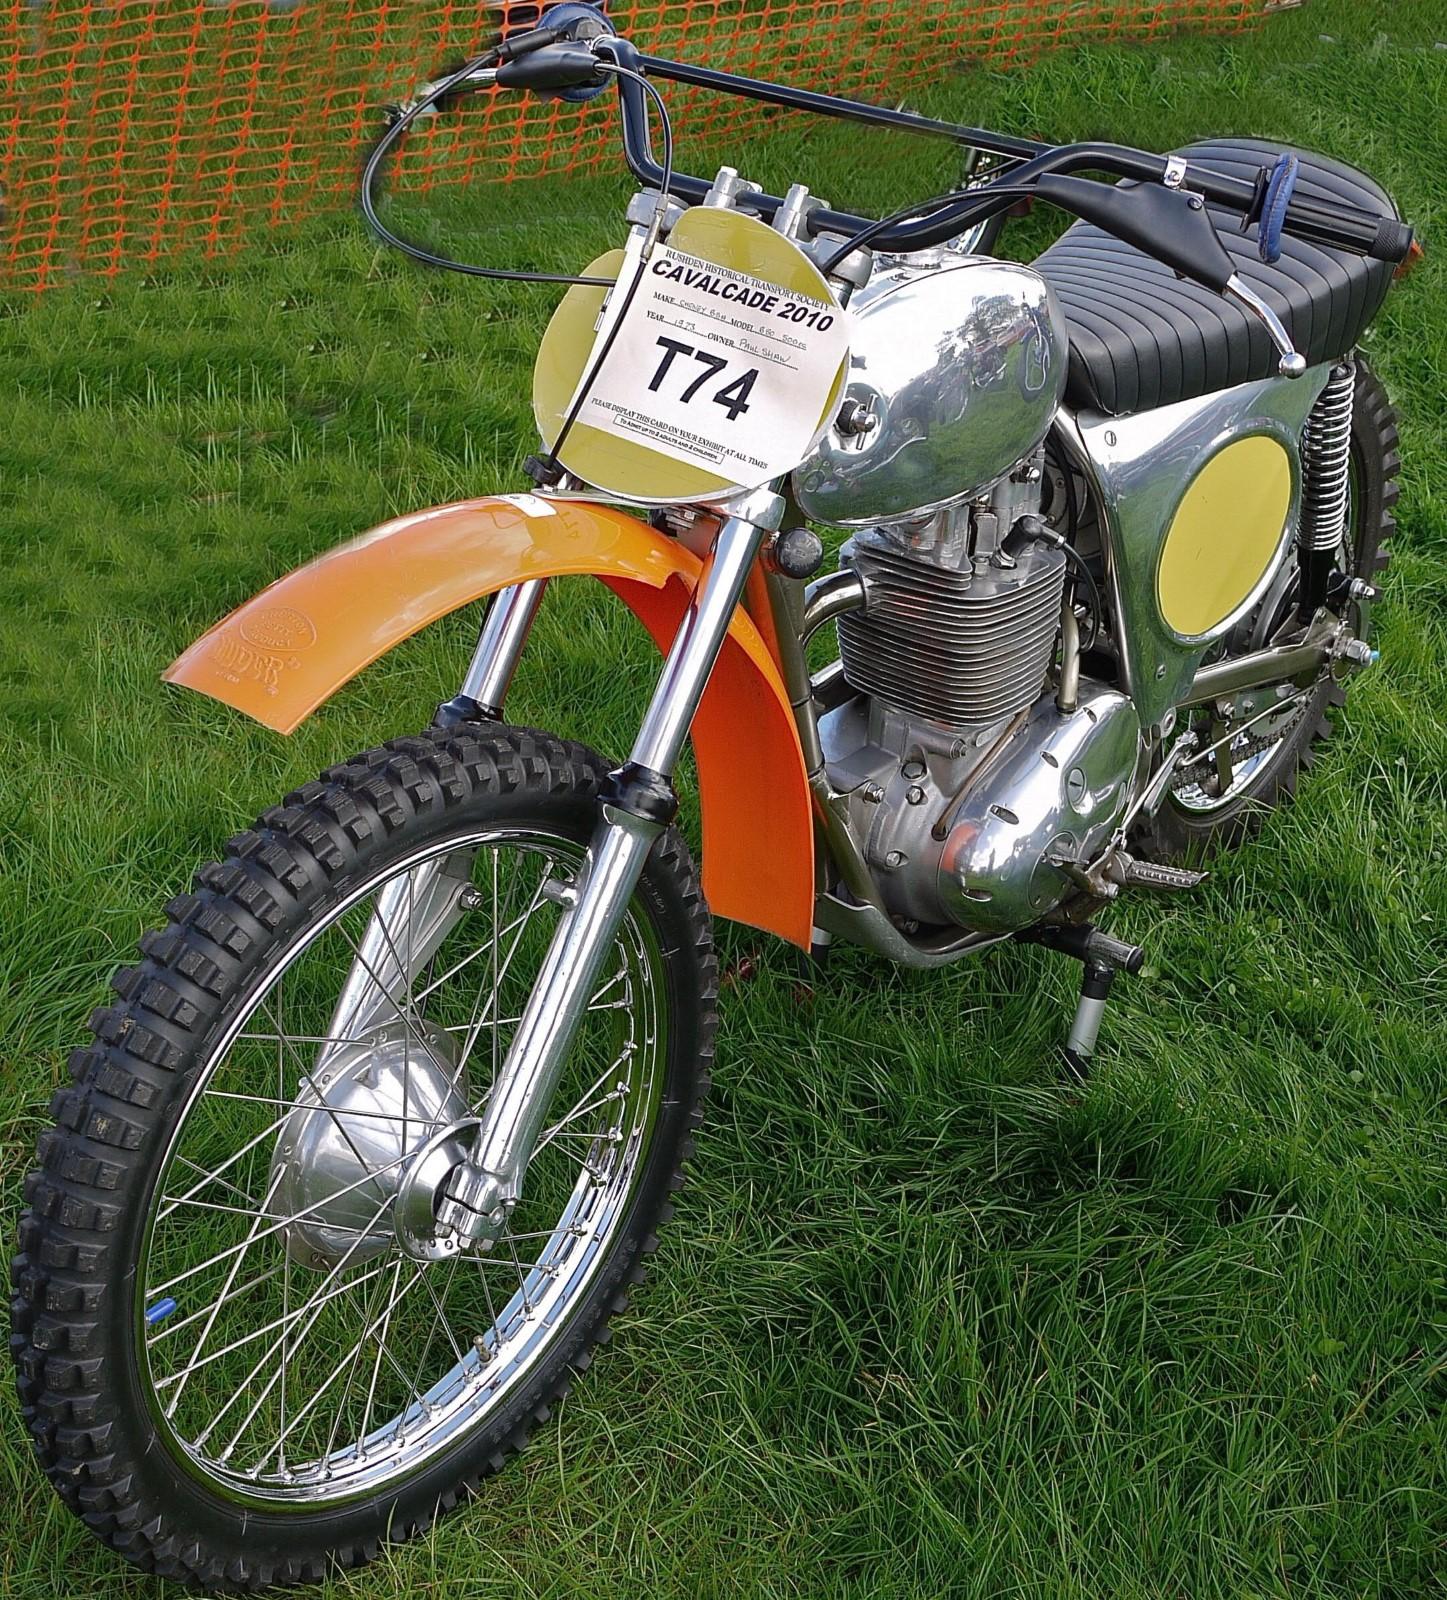 BSA_500cc_B50_Victor_1973